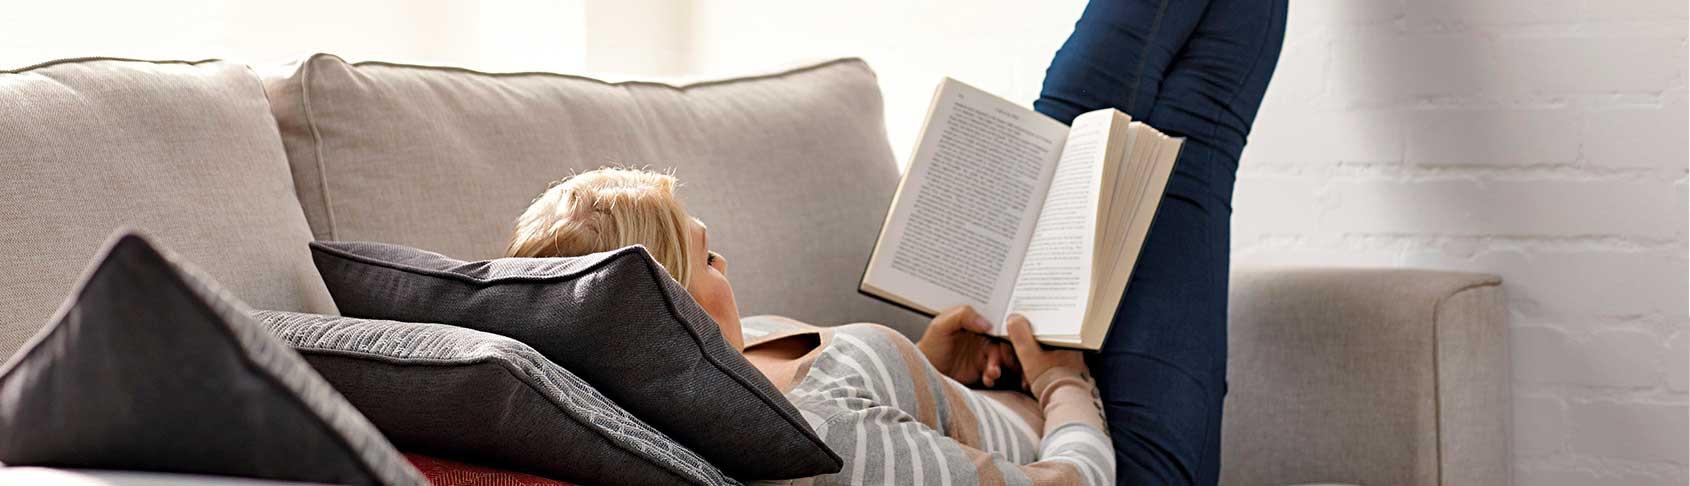 Assicurazione mobilia domestica casa generali for Zurich mobilia domestica